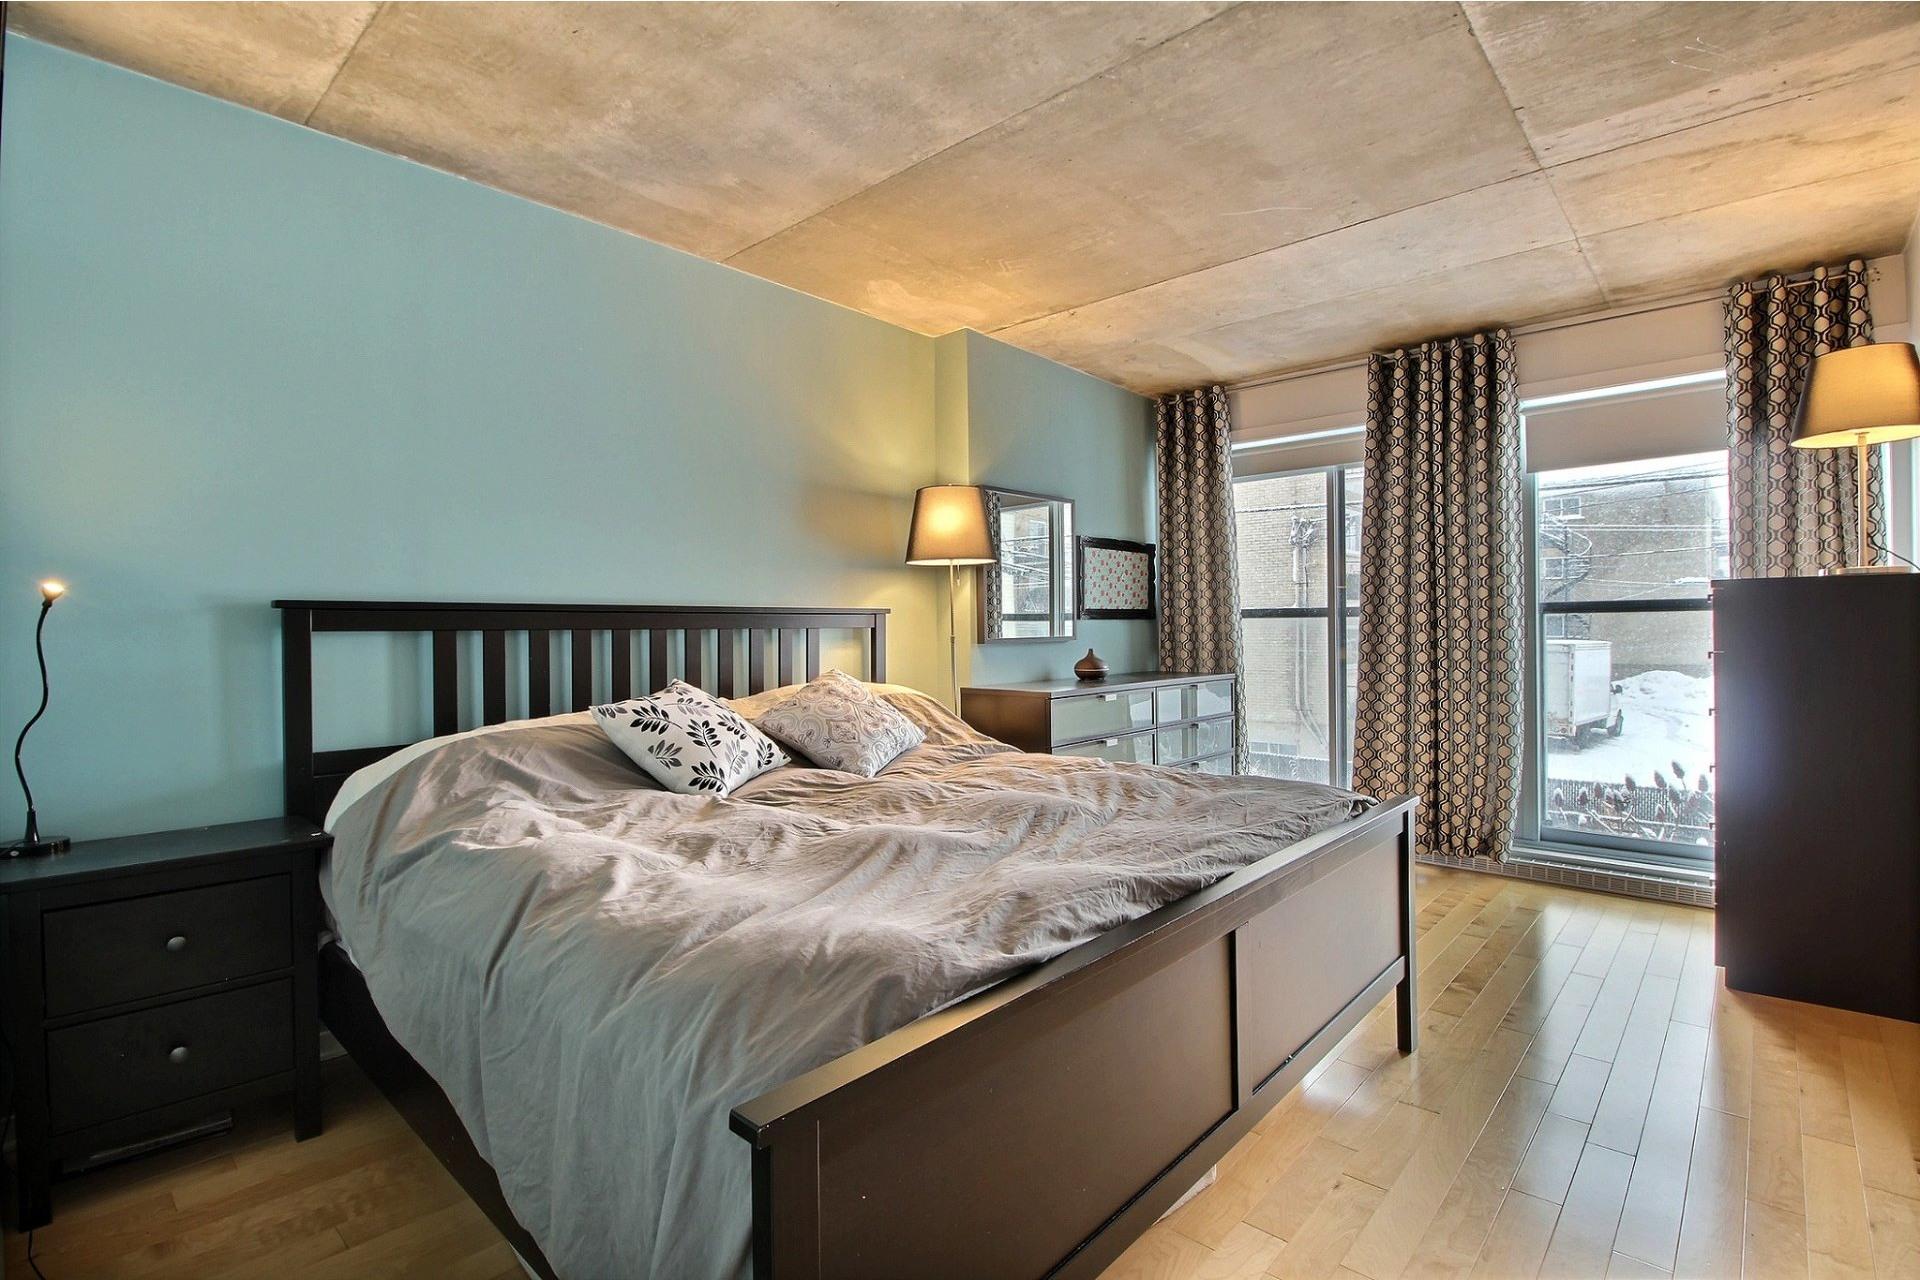 image 5 - Apartment For sale Montréal-Nord Montréal  - 5 rooms